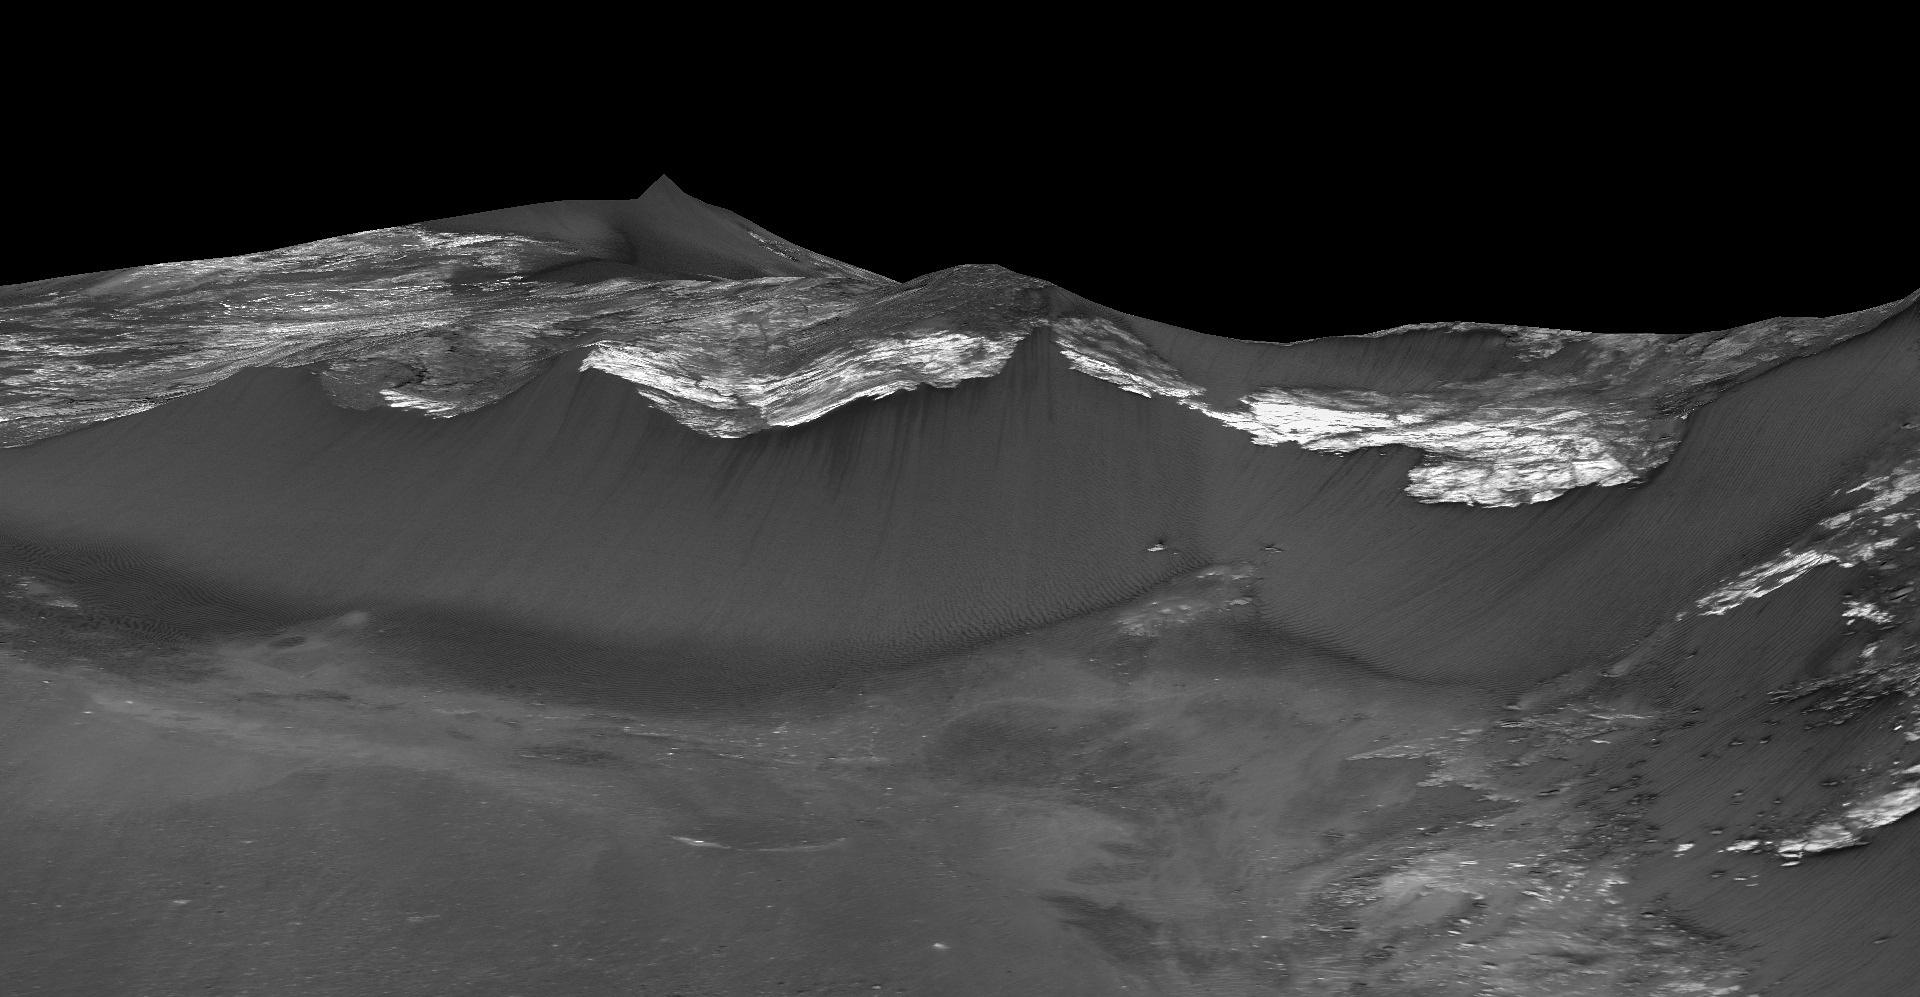 zhidkaya voda na Marse fotografii NASA 6